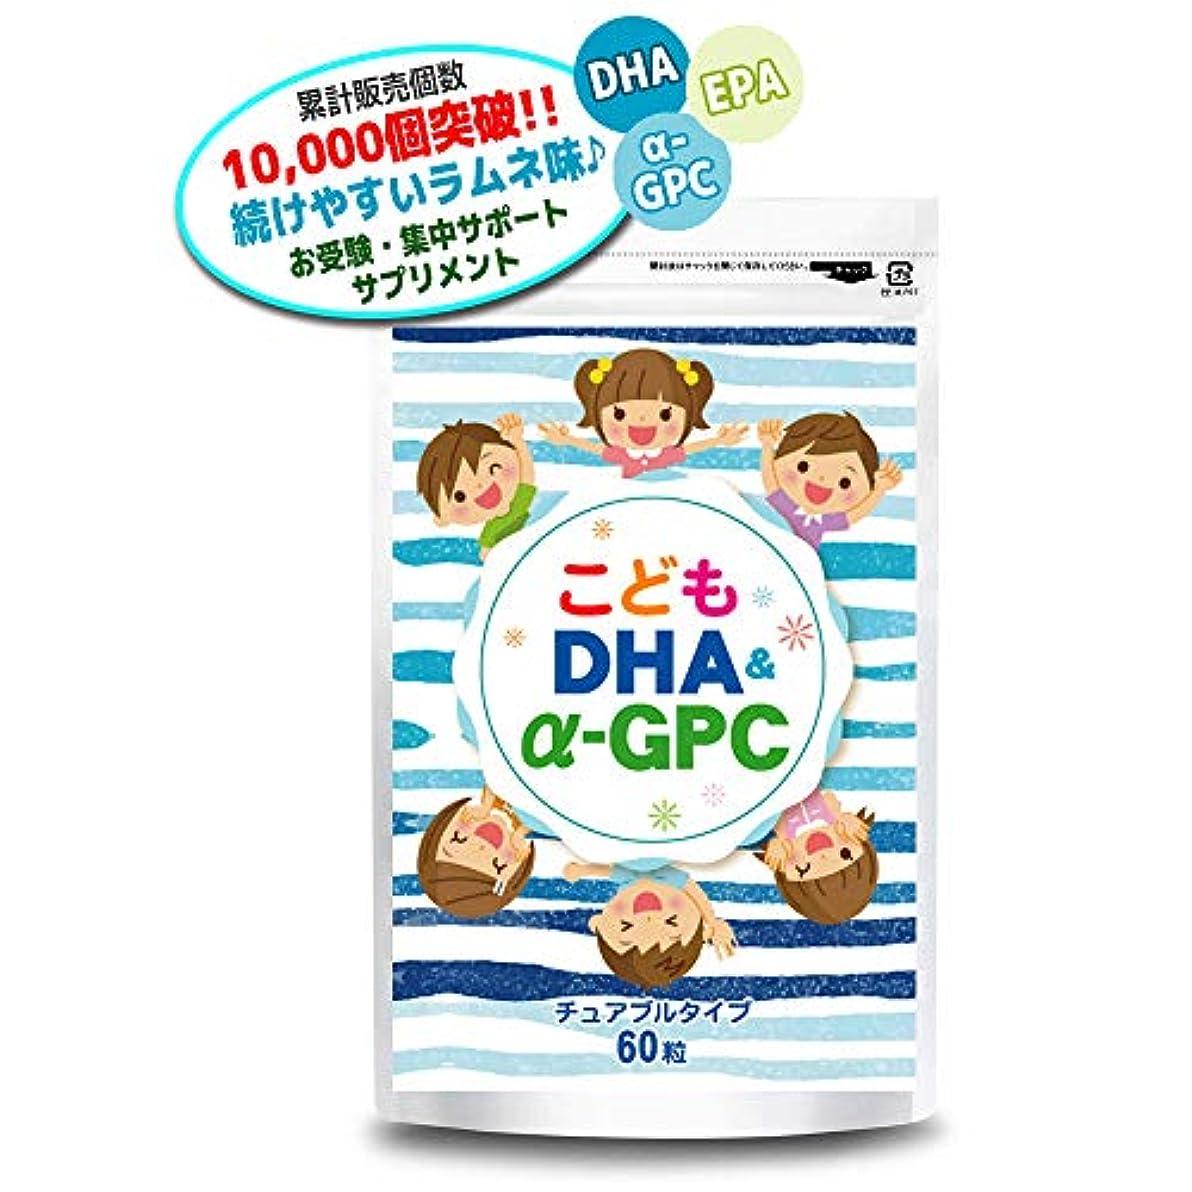 休憩するタクシーデジタルこども DHA&α-GPC DHA EPA α-GPC ホスファチジルセリン 配合 【集中?学習特化型サプリメント】 60粒約30日分